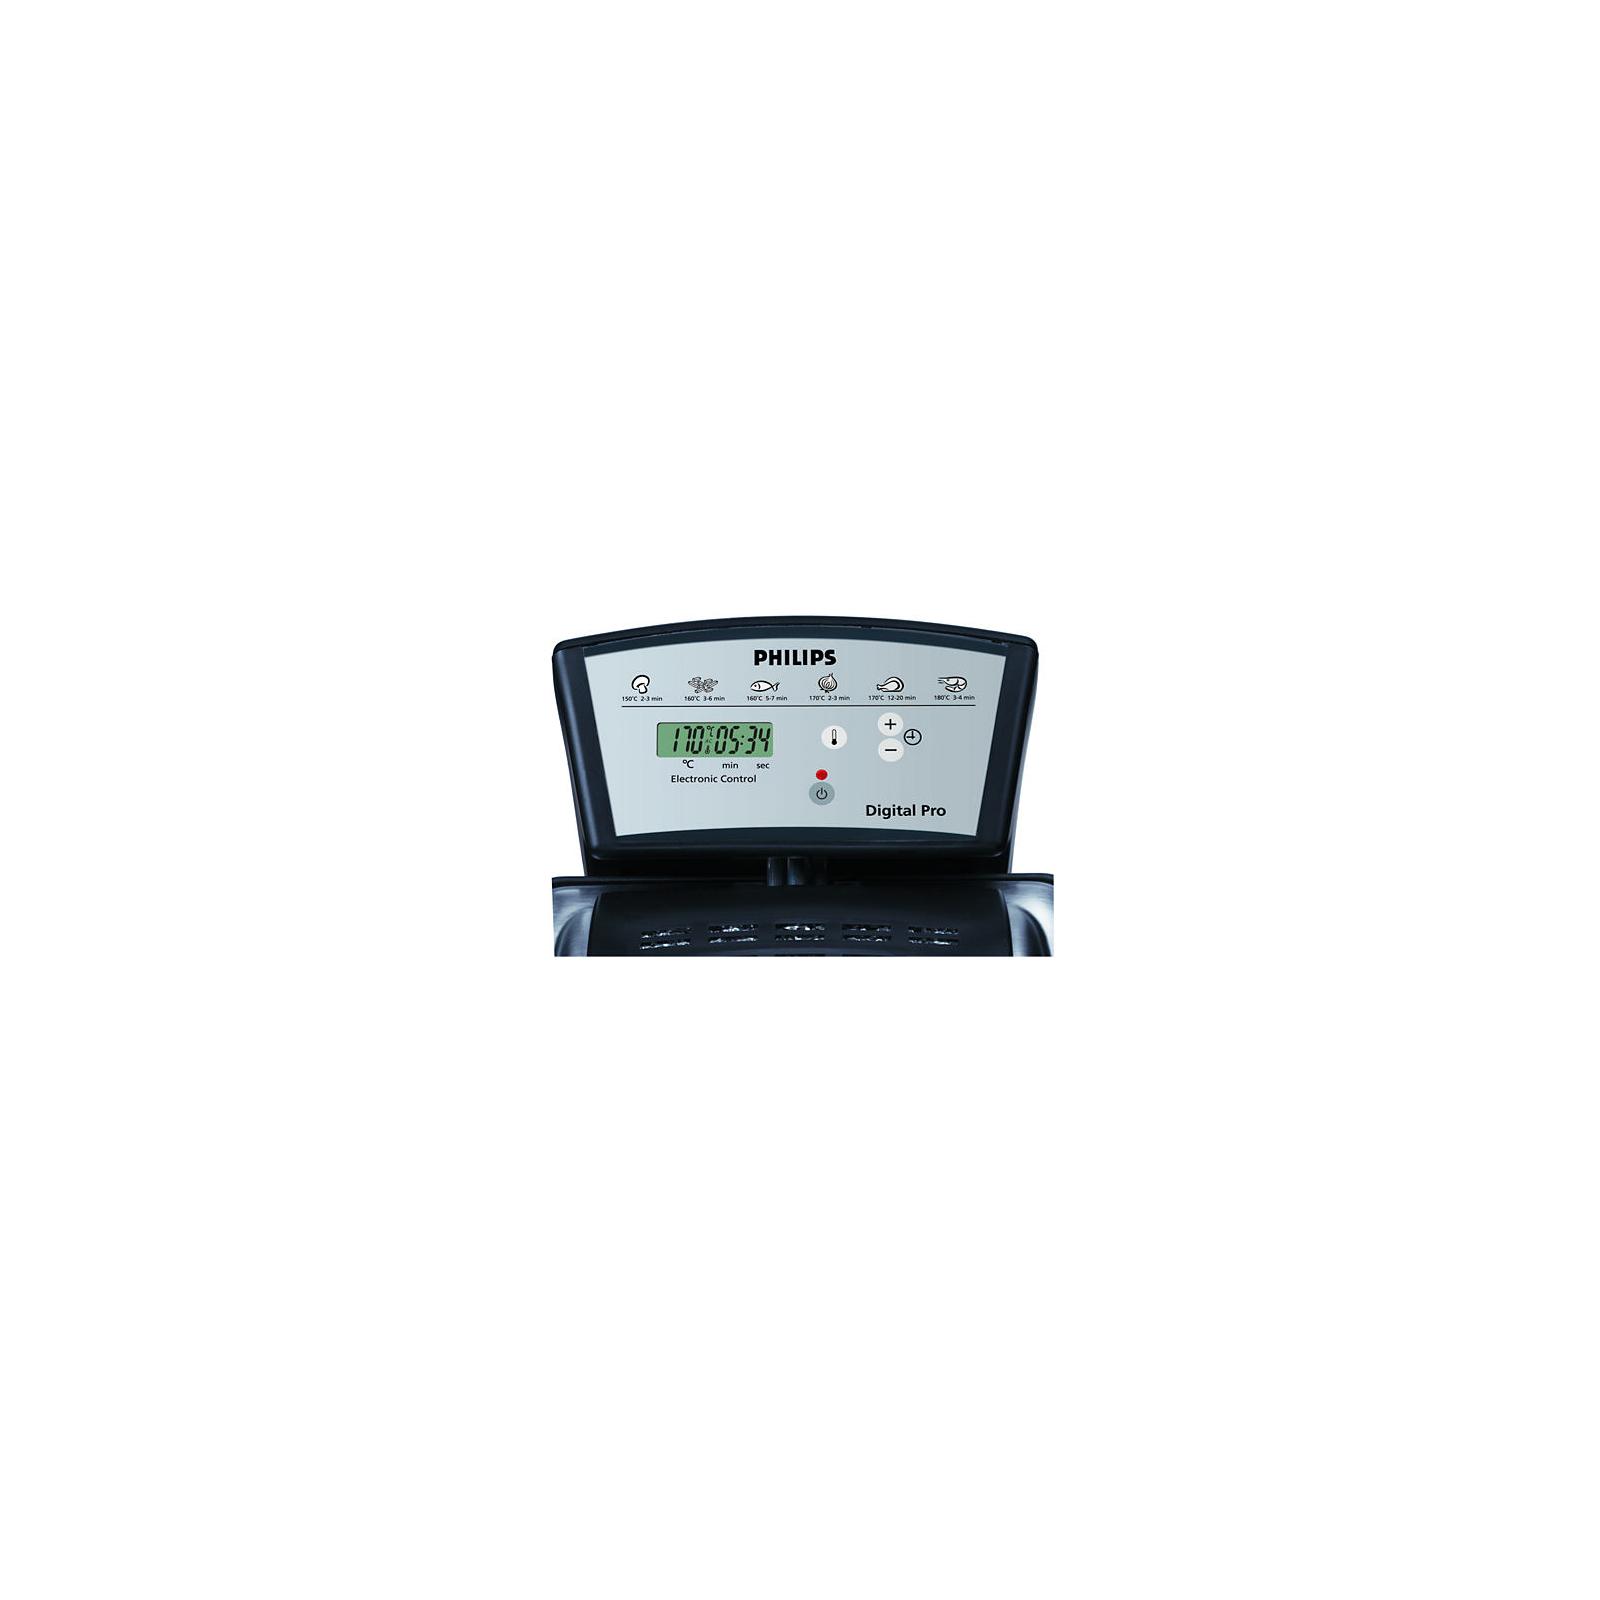 Фритюрница PHILIPS HD 6161/00 (HD6161/00) изображение 2